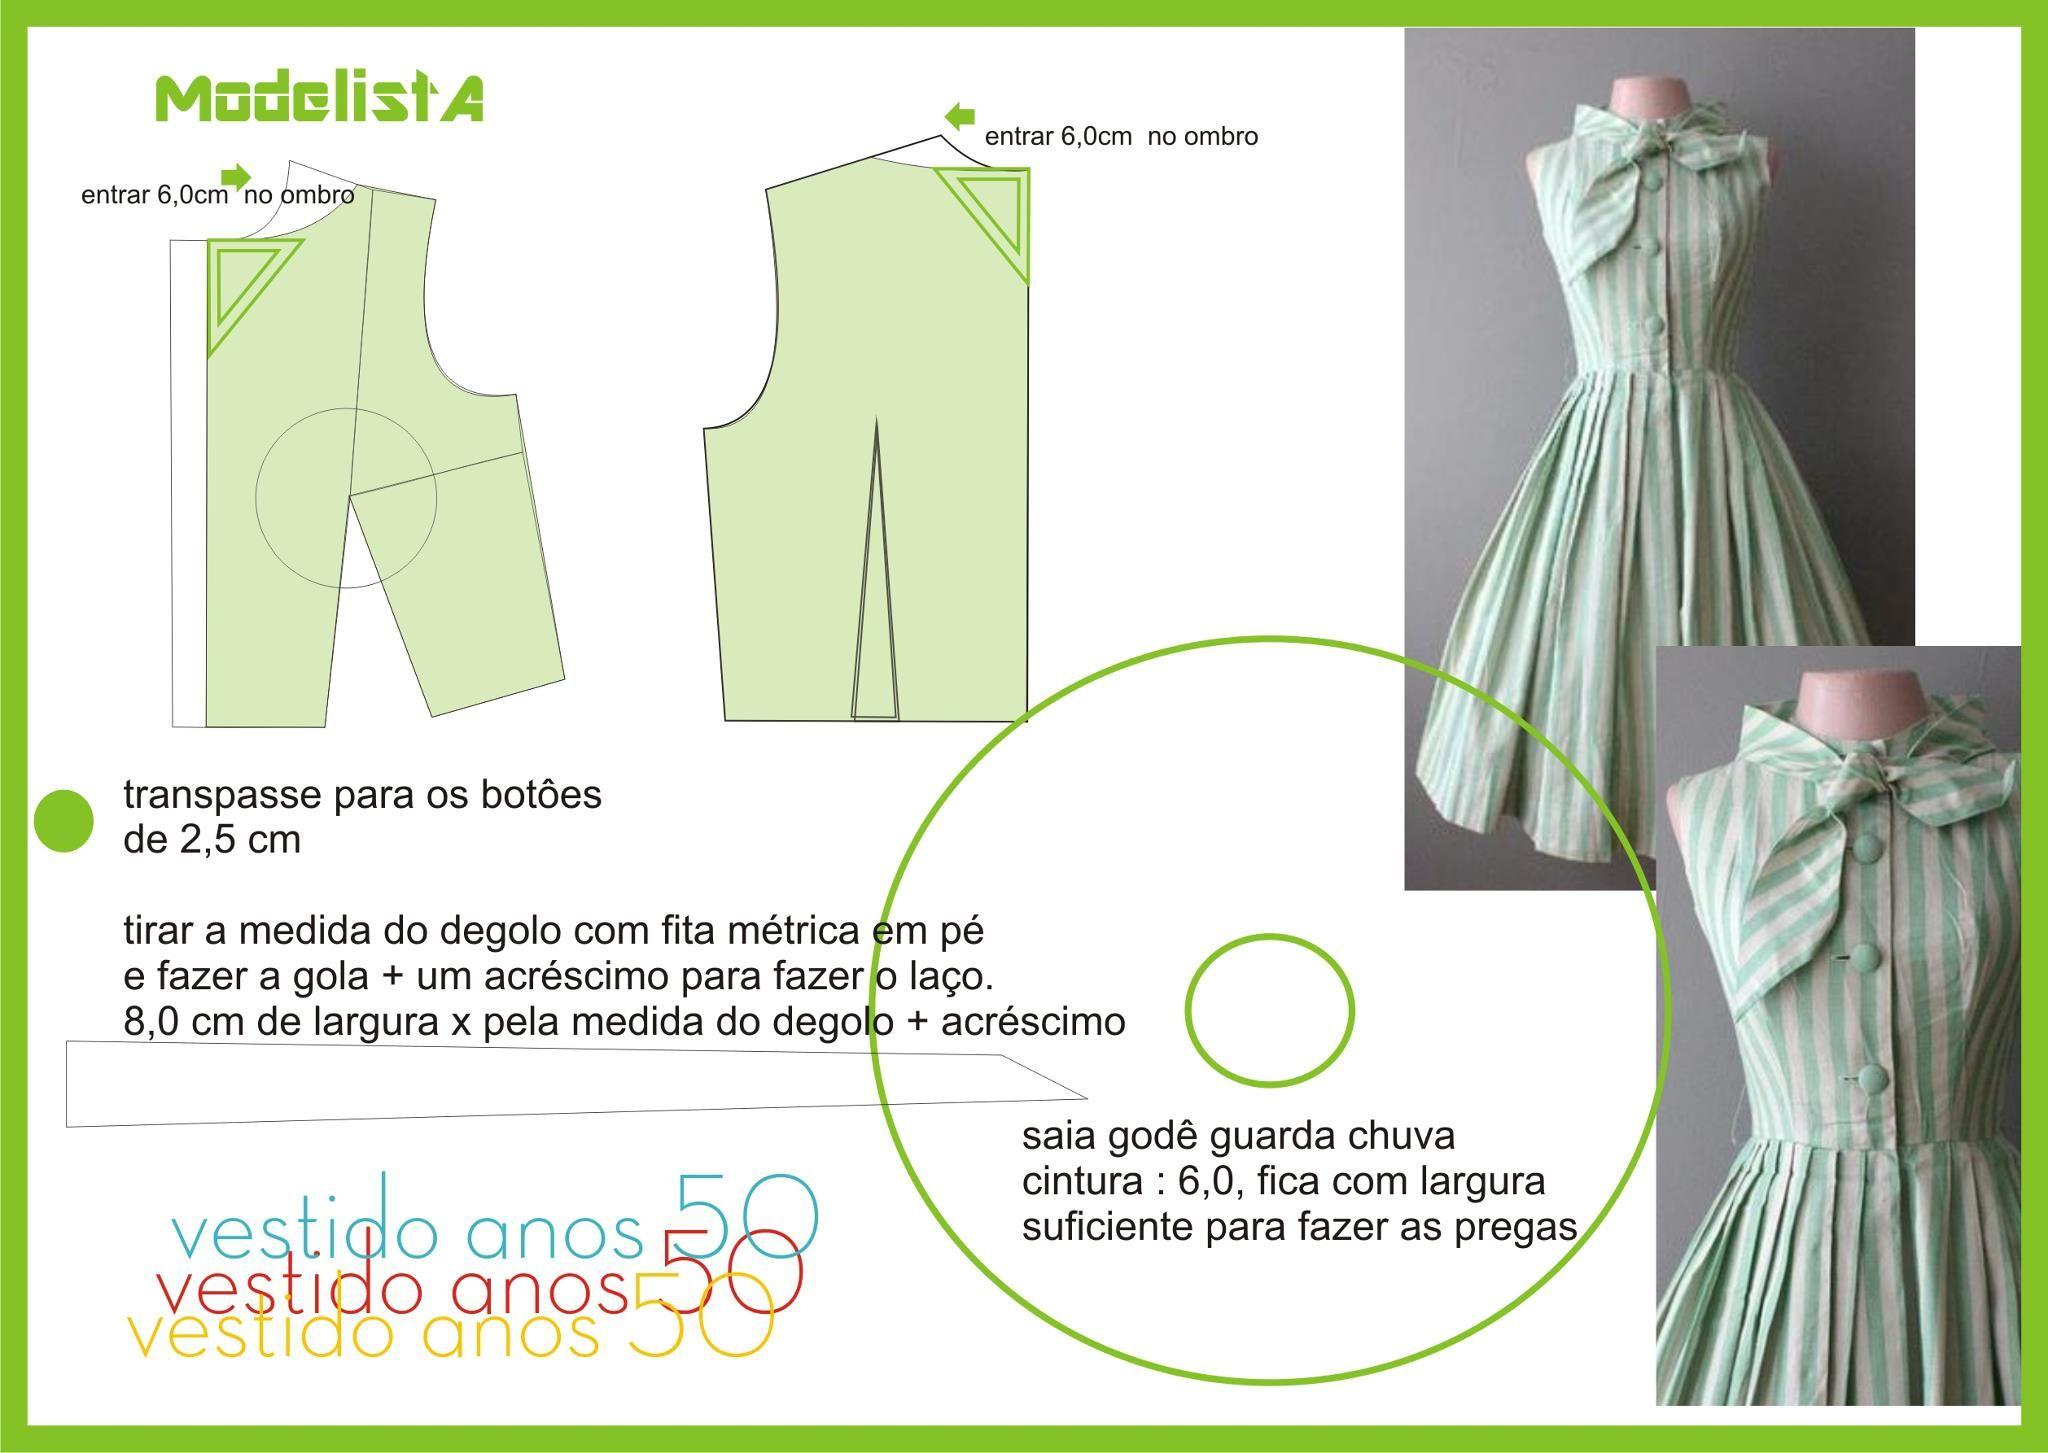 858463_496019113767332_1883234123_o.jpg (2048×1453)   Sewing ...